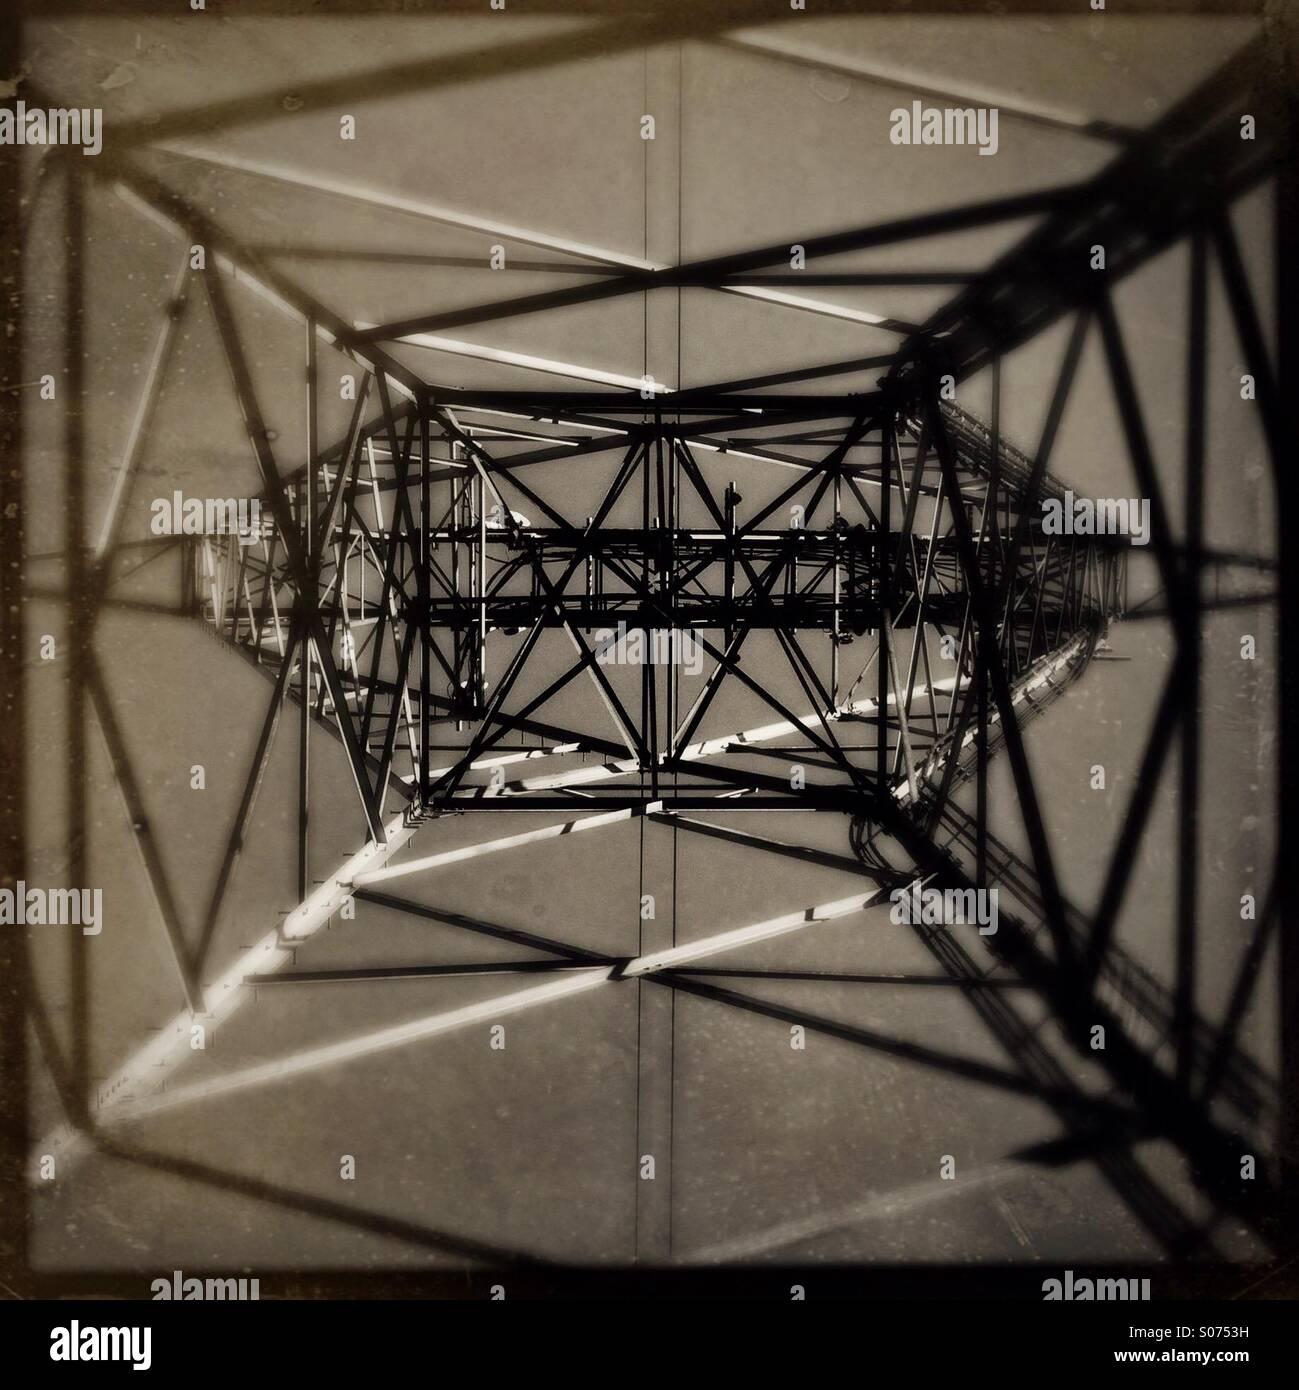 Mirando hacia arriba desde el interior de una torre eléctrica de metal. Imagen De Stock